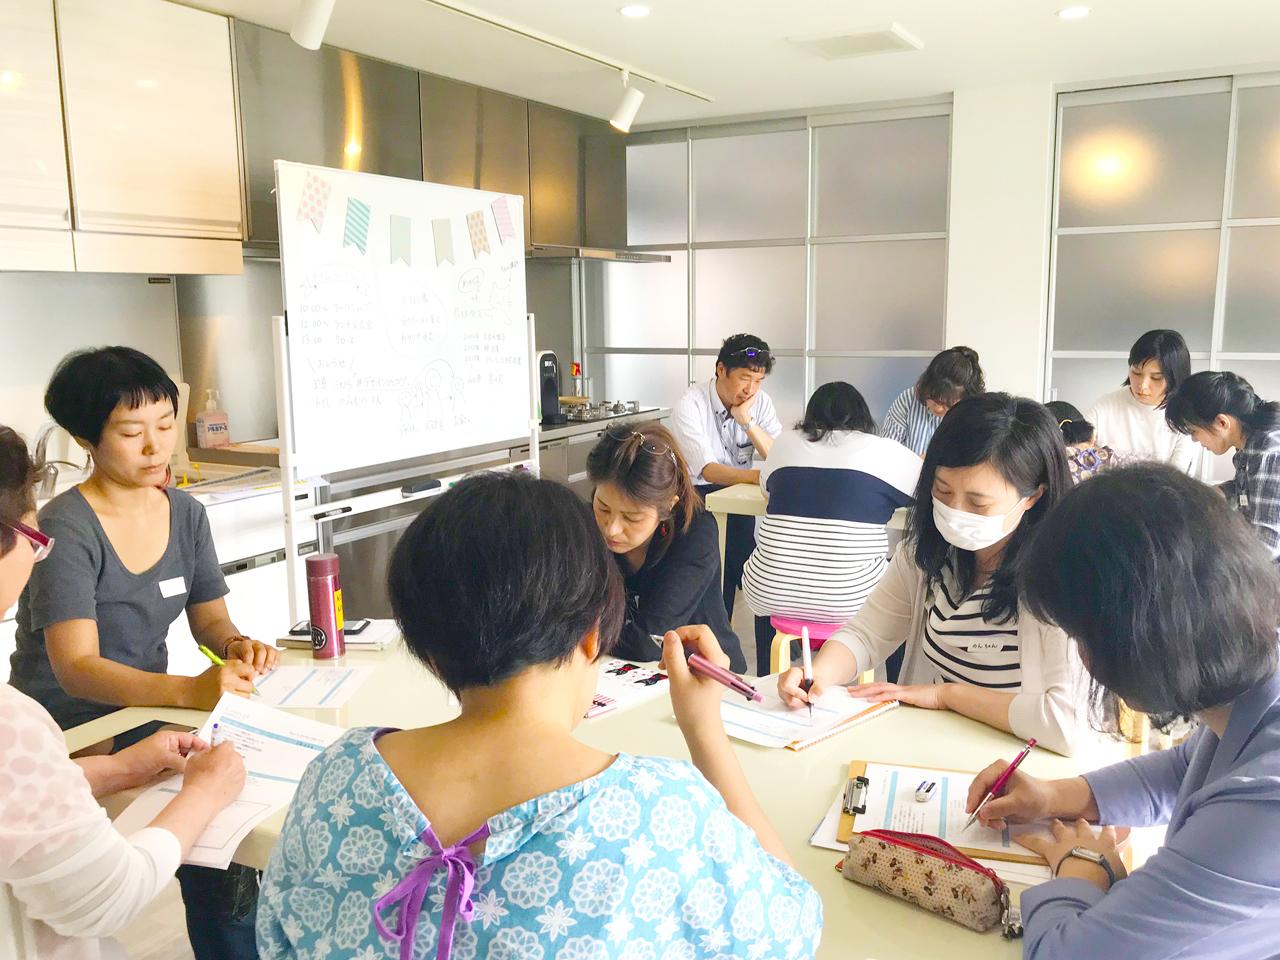 「デザインのコツ」ワークショップ in 富士宮、開催しました!